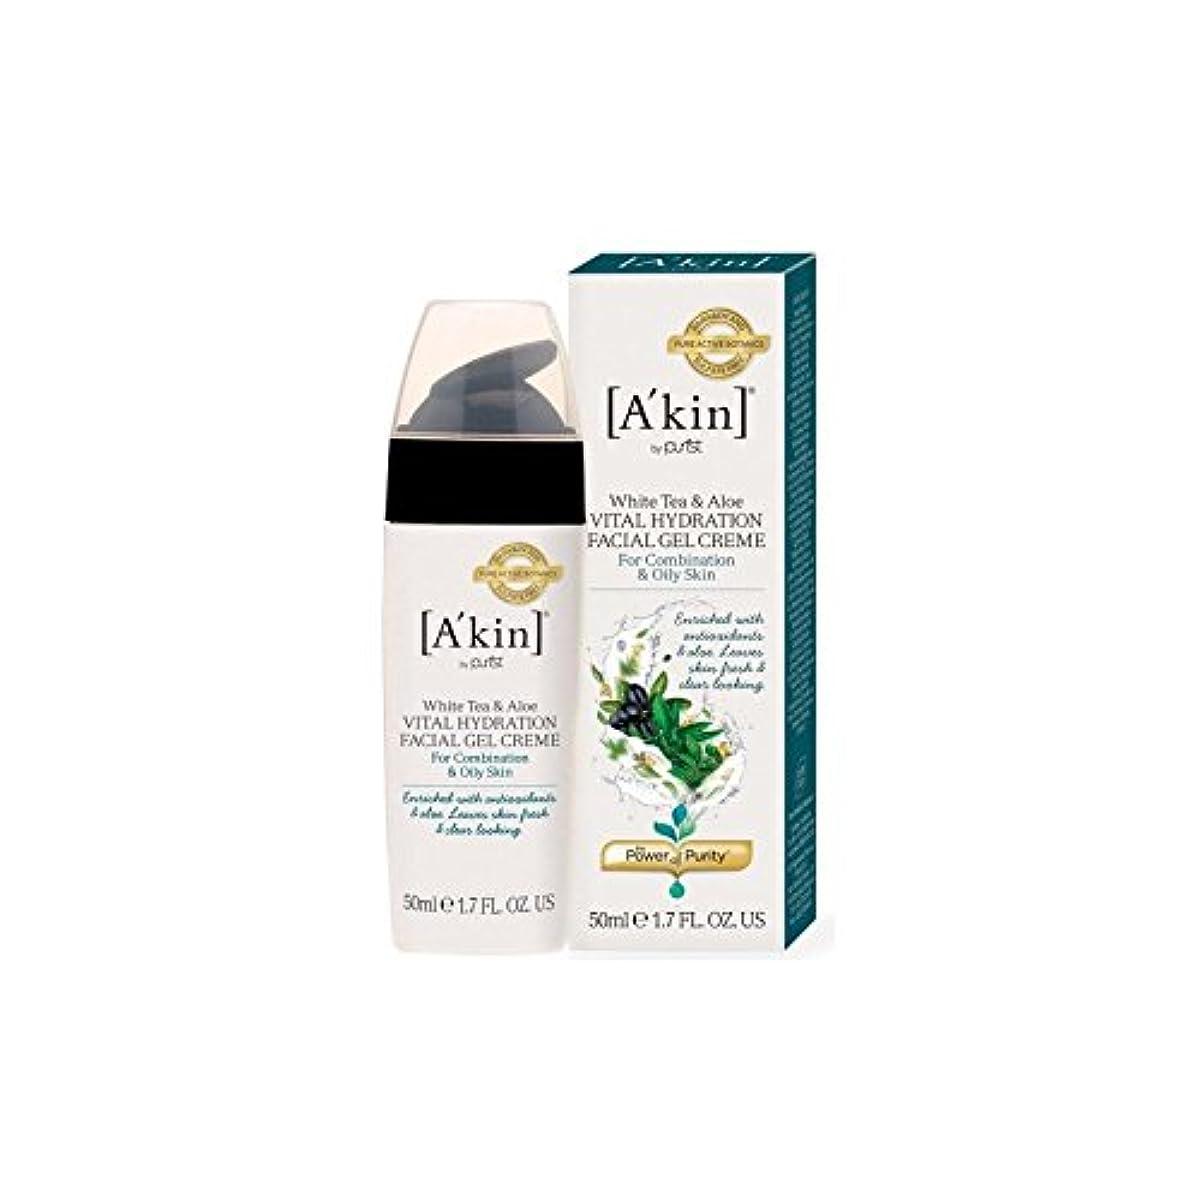 キュービックセーブマークA'Kin White Tea & Aloe Vital Hydration Gel Creme (50ml) (Pack of 6) - ホワイトティー&アロエ不可欠な水和ゲルクリーム(50ミリリットル) x6 [並行輸入品]